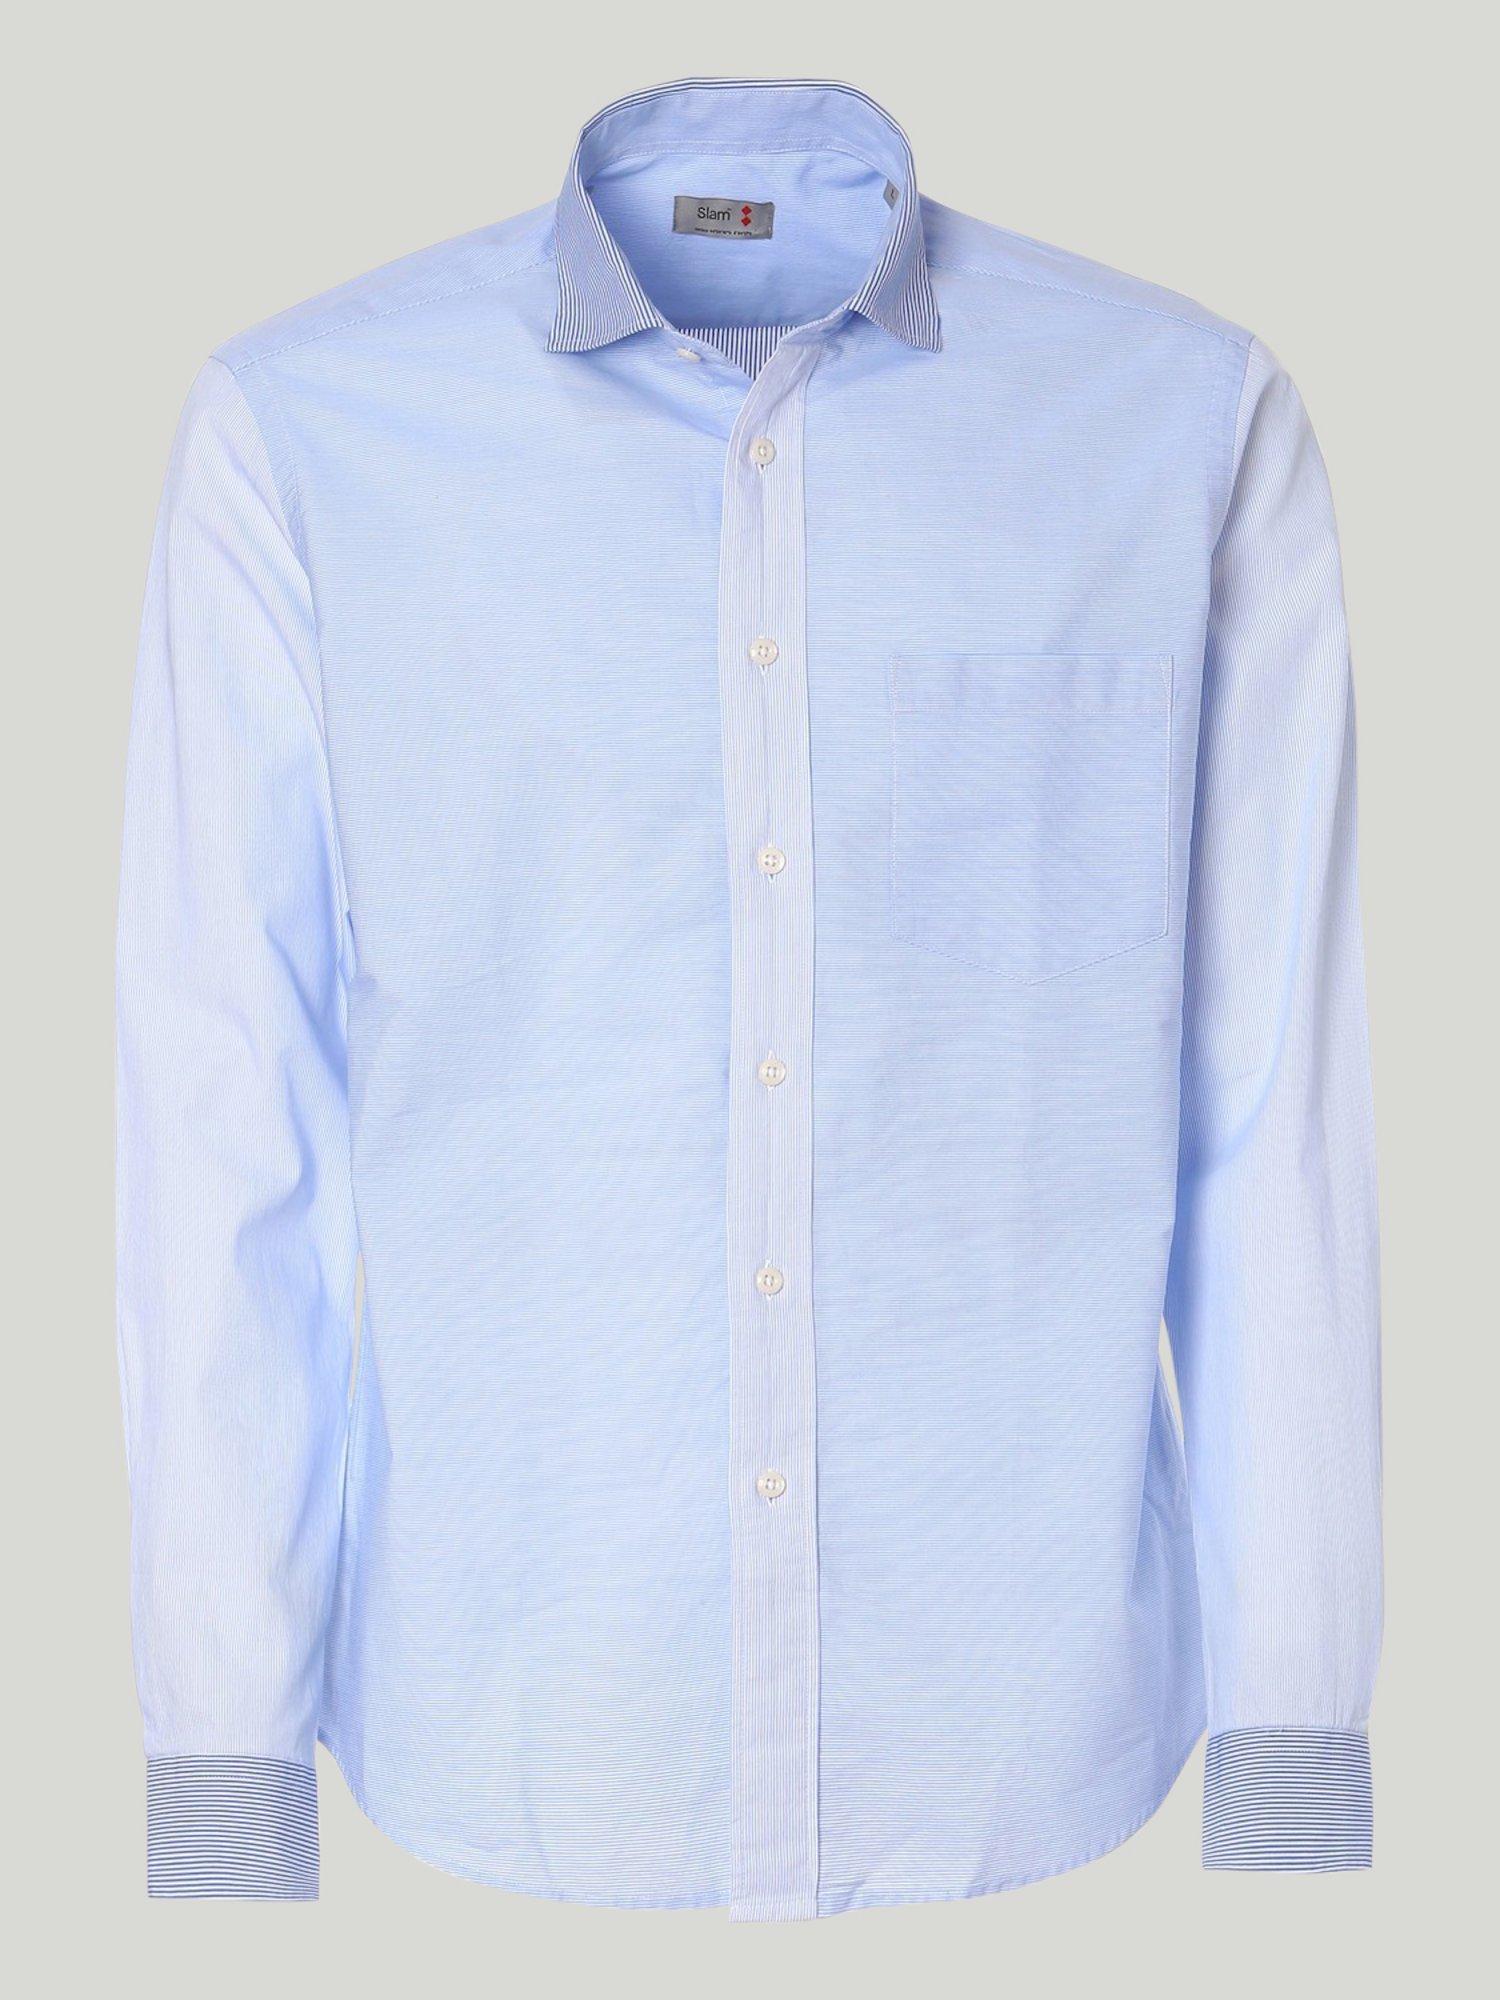 Hemd Eso - Striped White / Light Blue